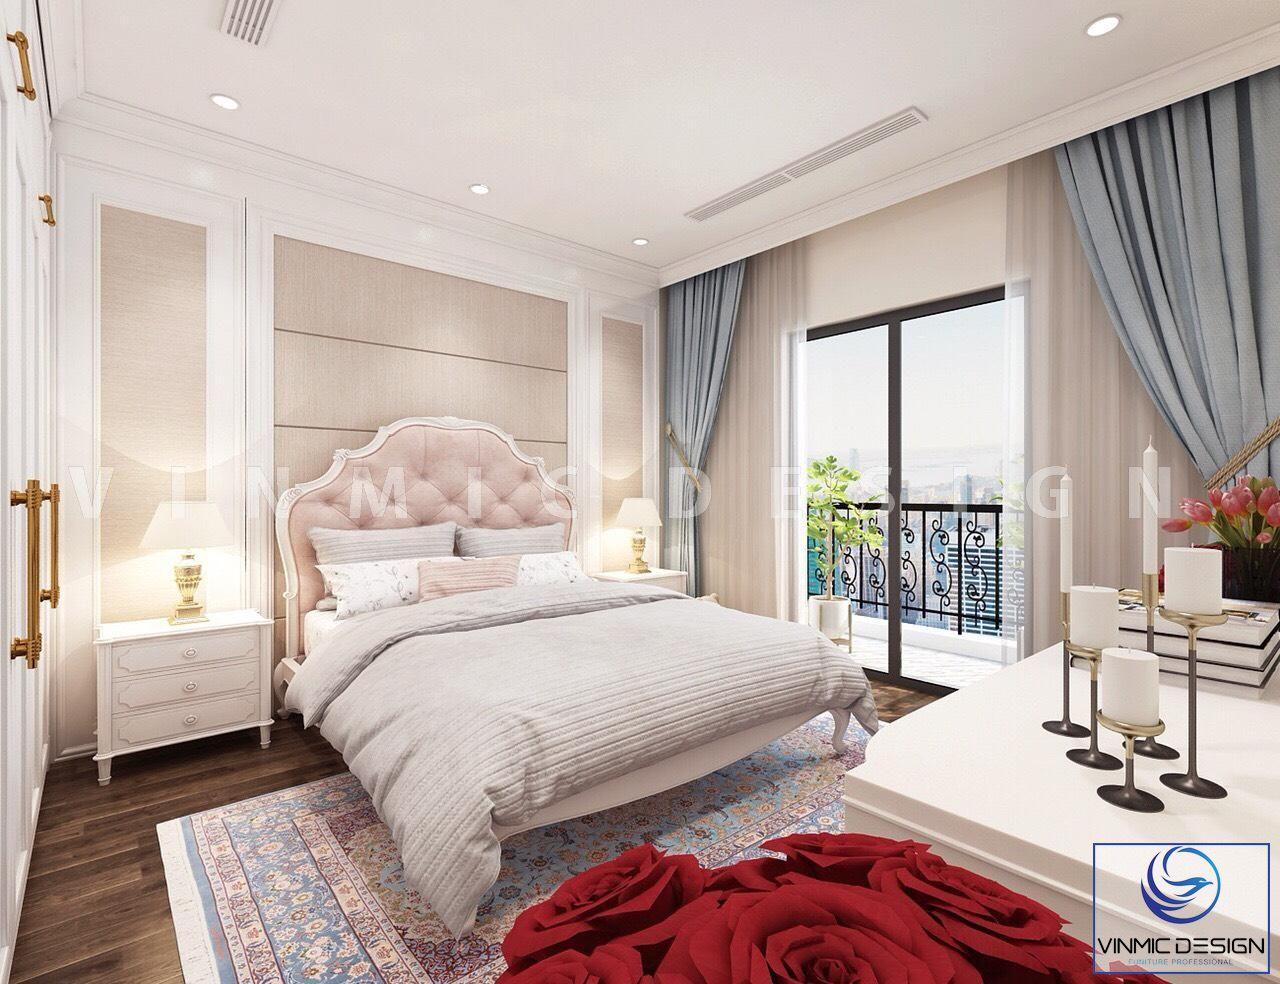 Thiết kế nội thất phòng ngủ cho bé gái phong cách tân cổ điển đầy sang trọng tại biệt thự Vinhomes Imperia Hải Phòng